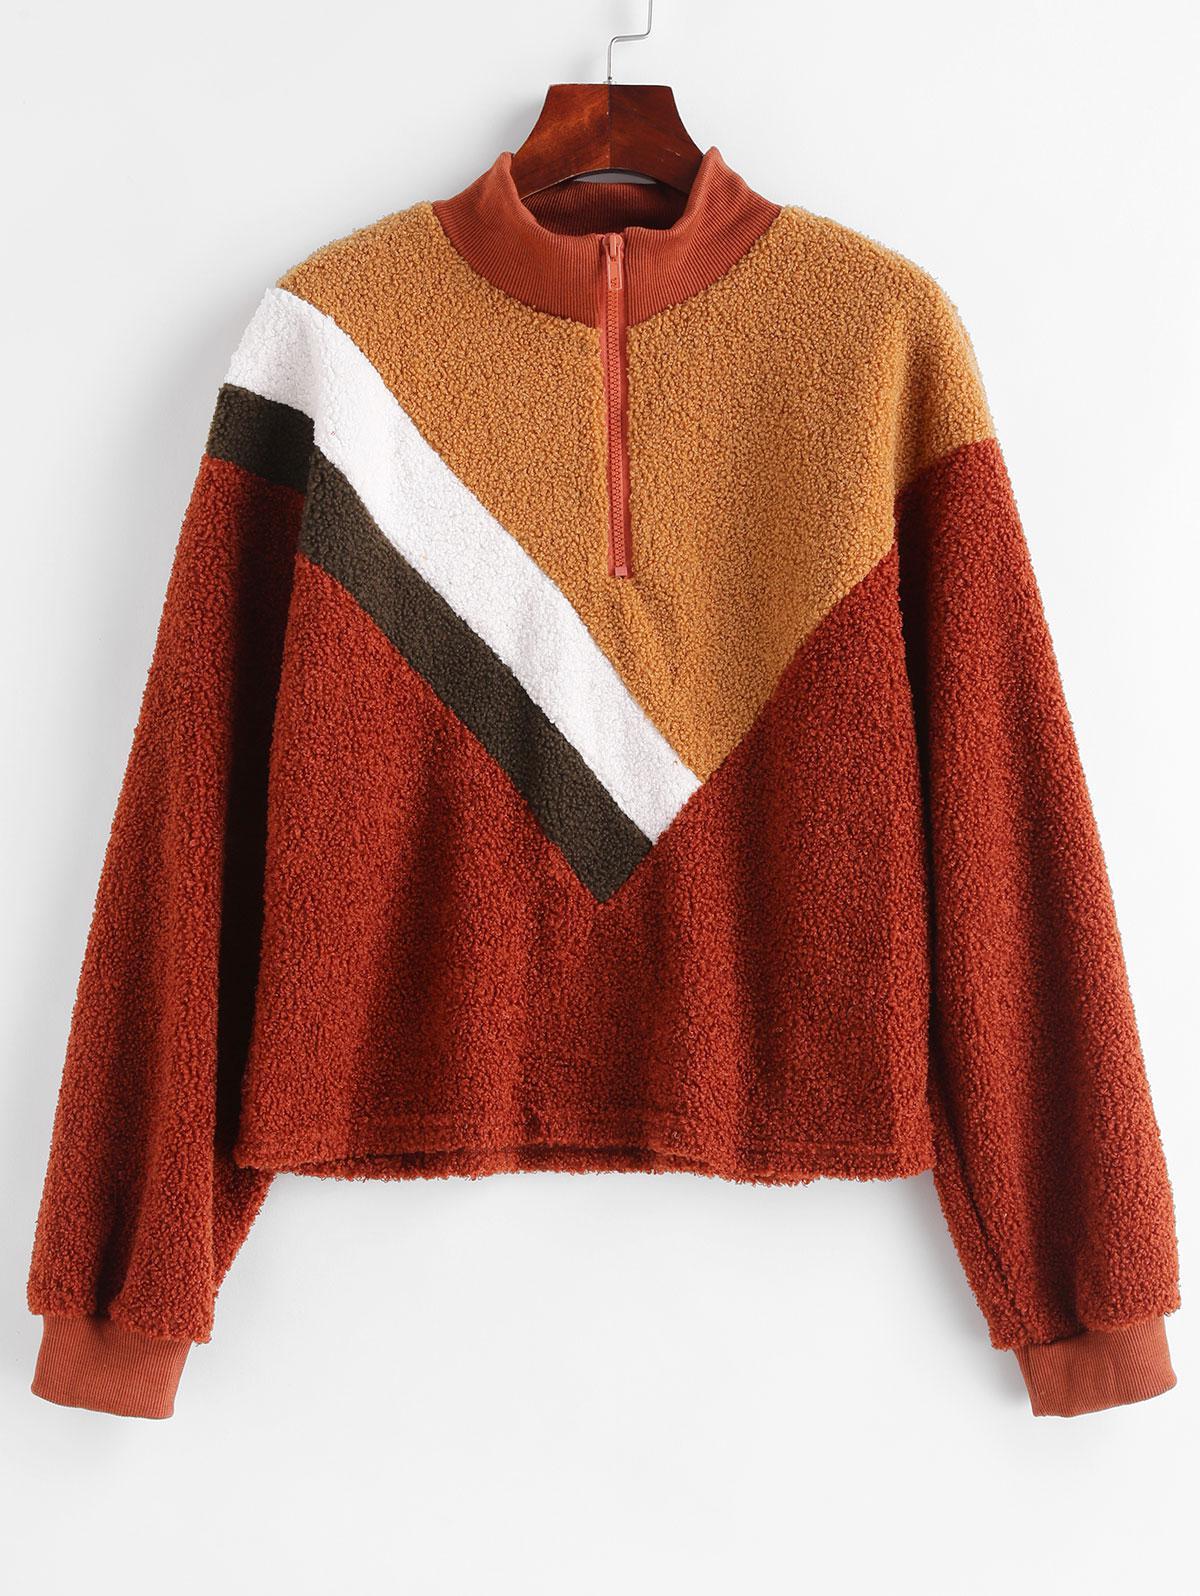 Quarter Zip Colorblock High Neck Teddy Sweatshirt